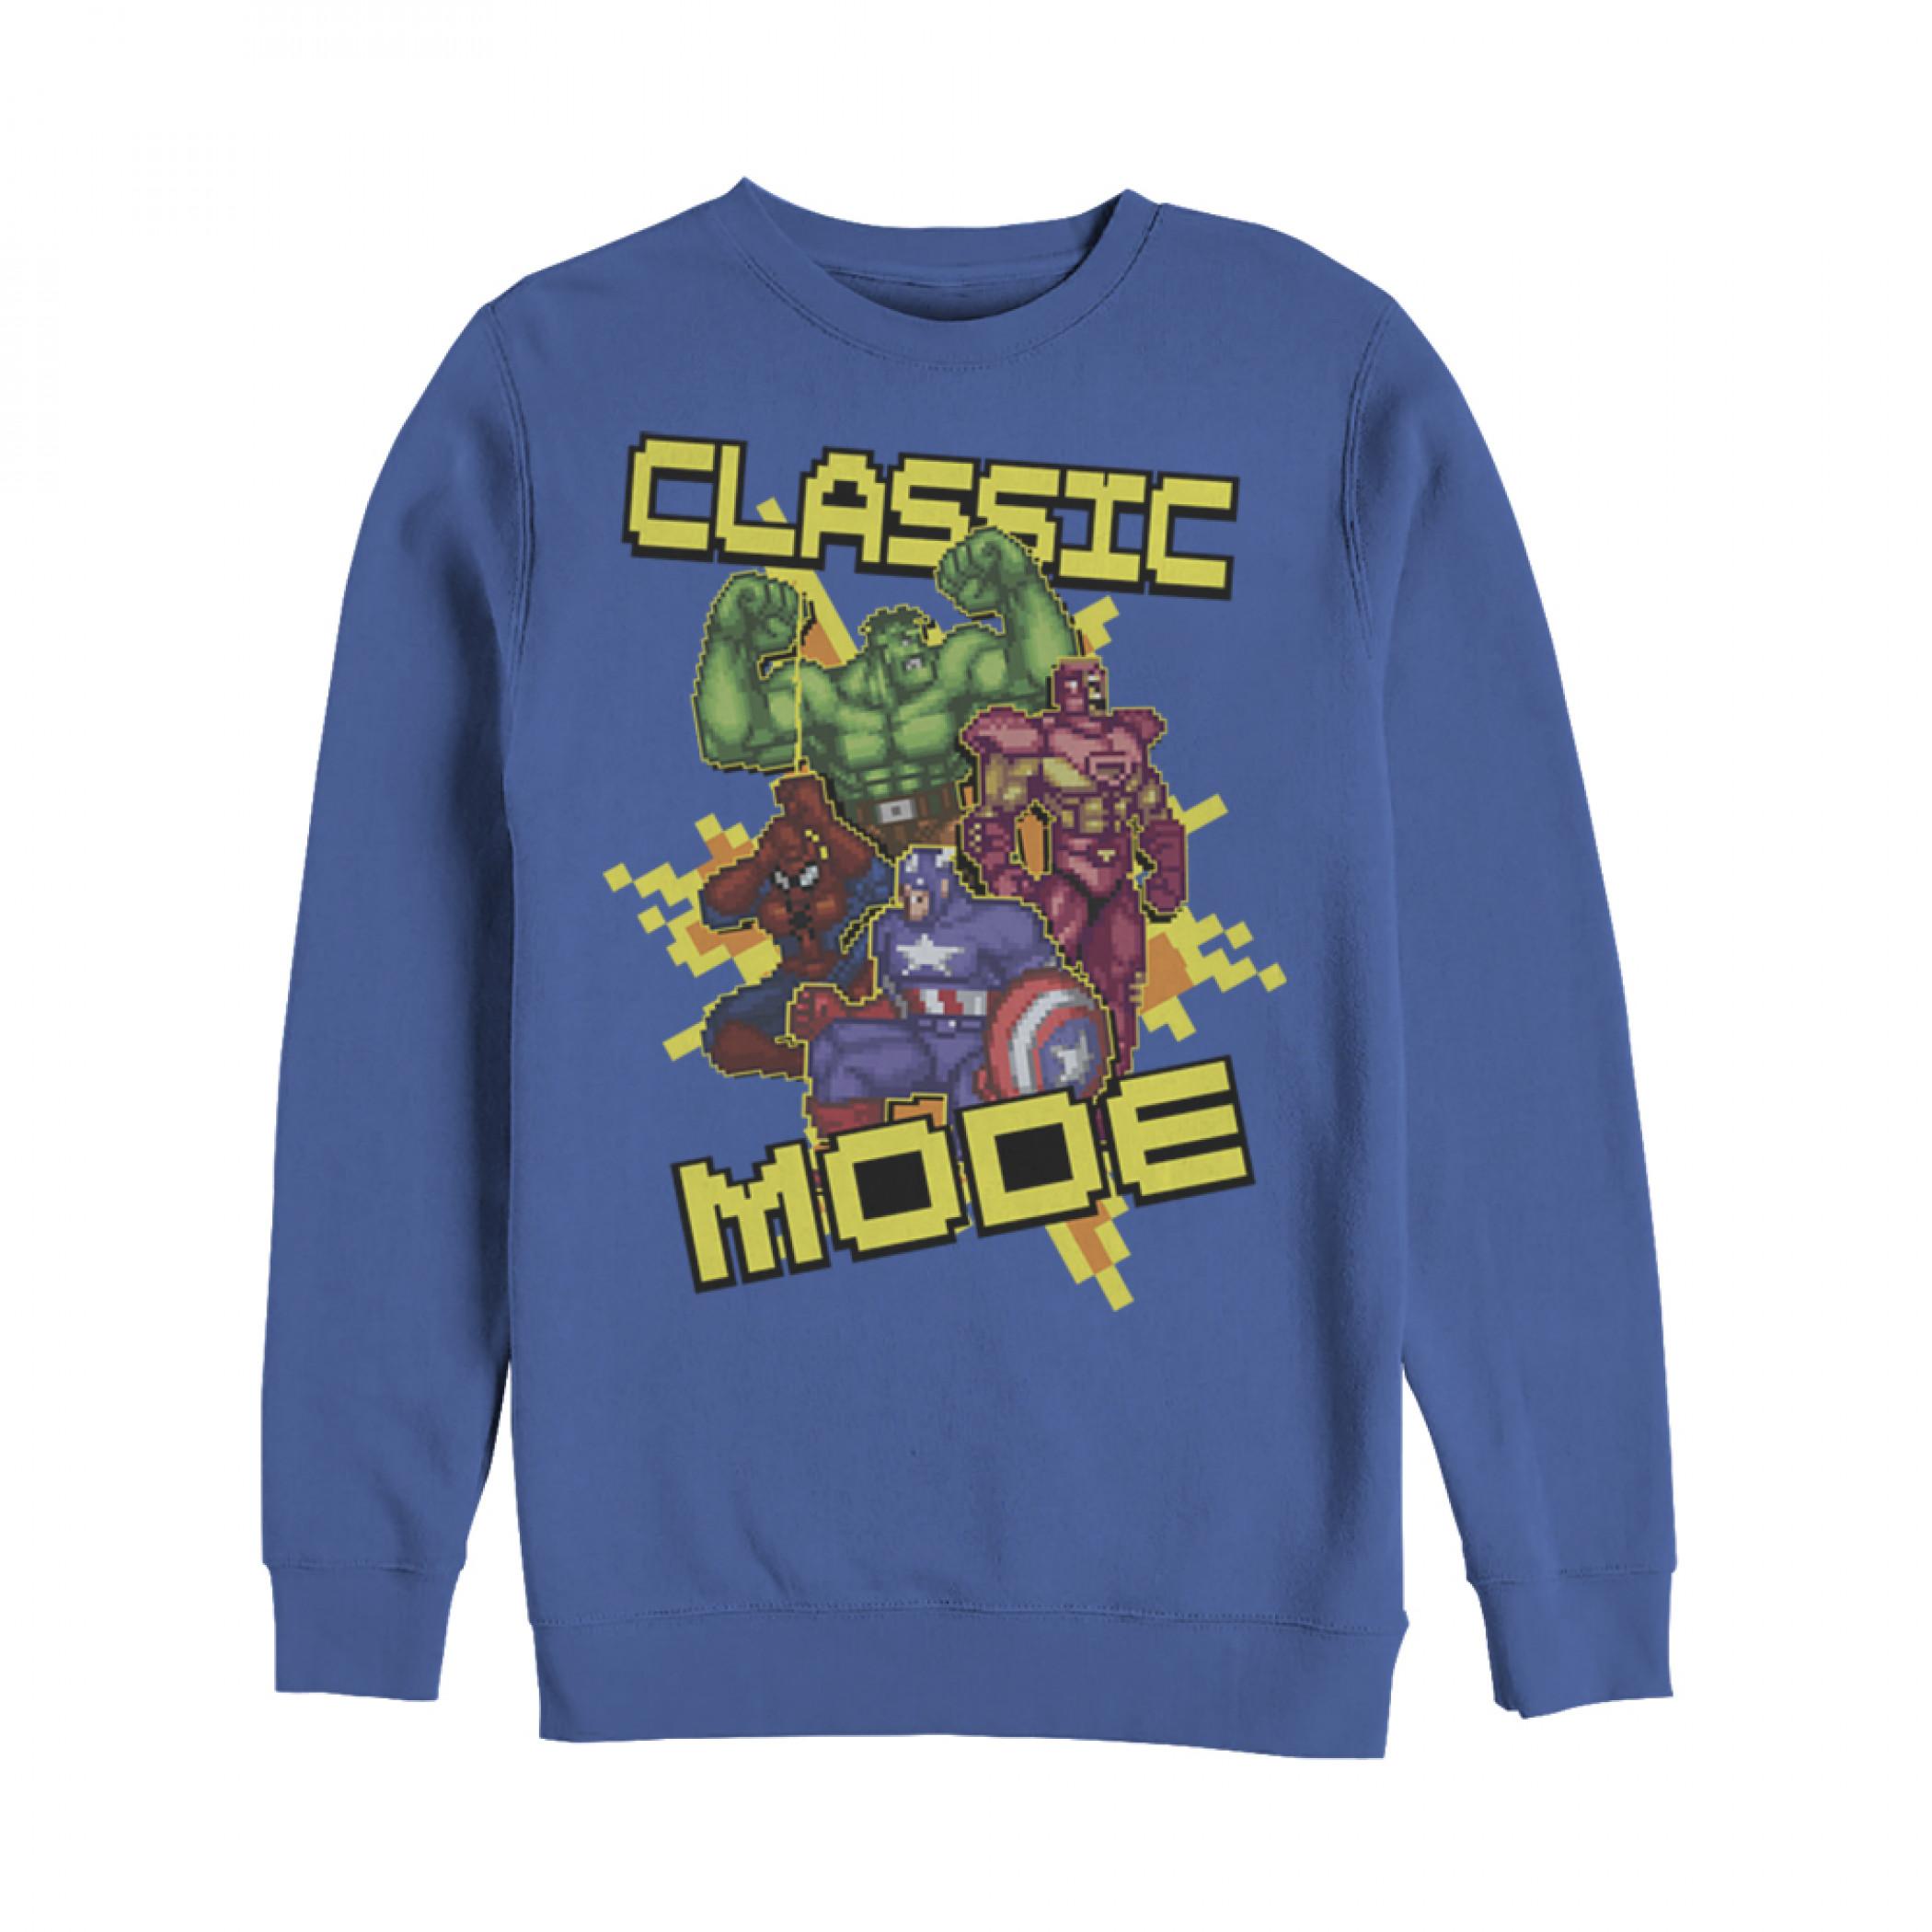 Marvel Pixelated Avengers Classic Mode Sweatshirt